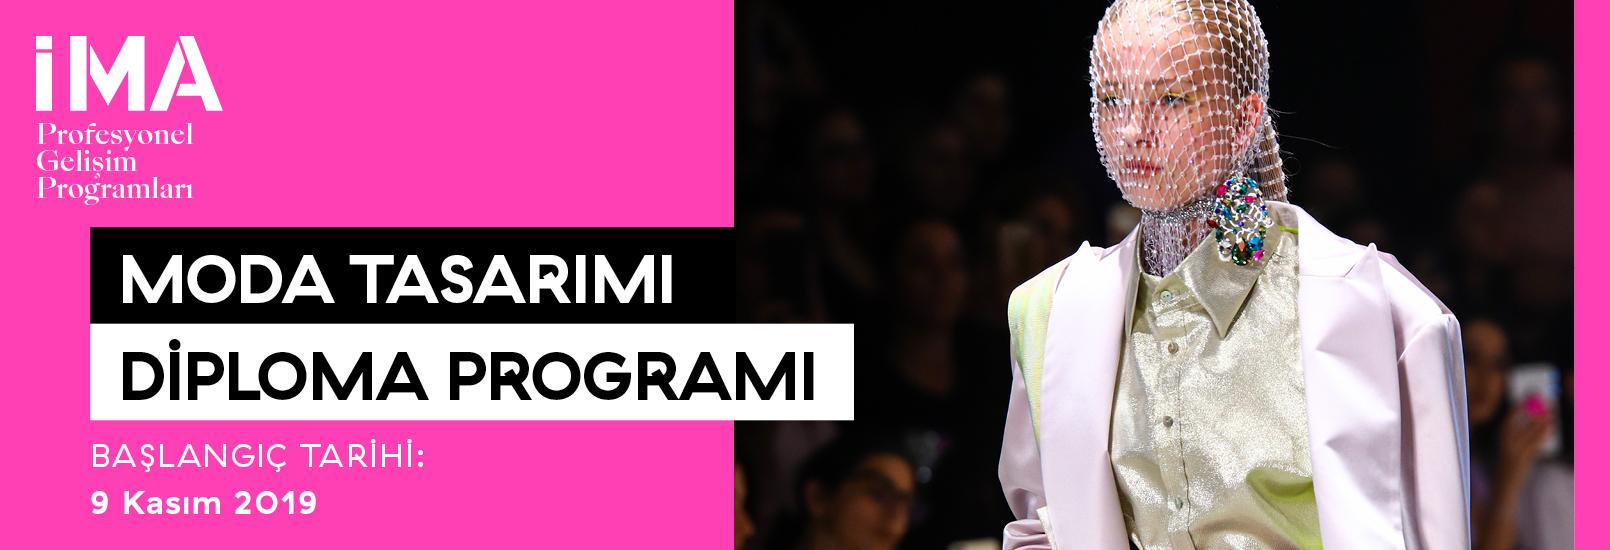 Moda Tasarımı Diploma Programı